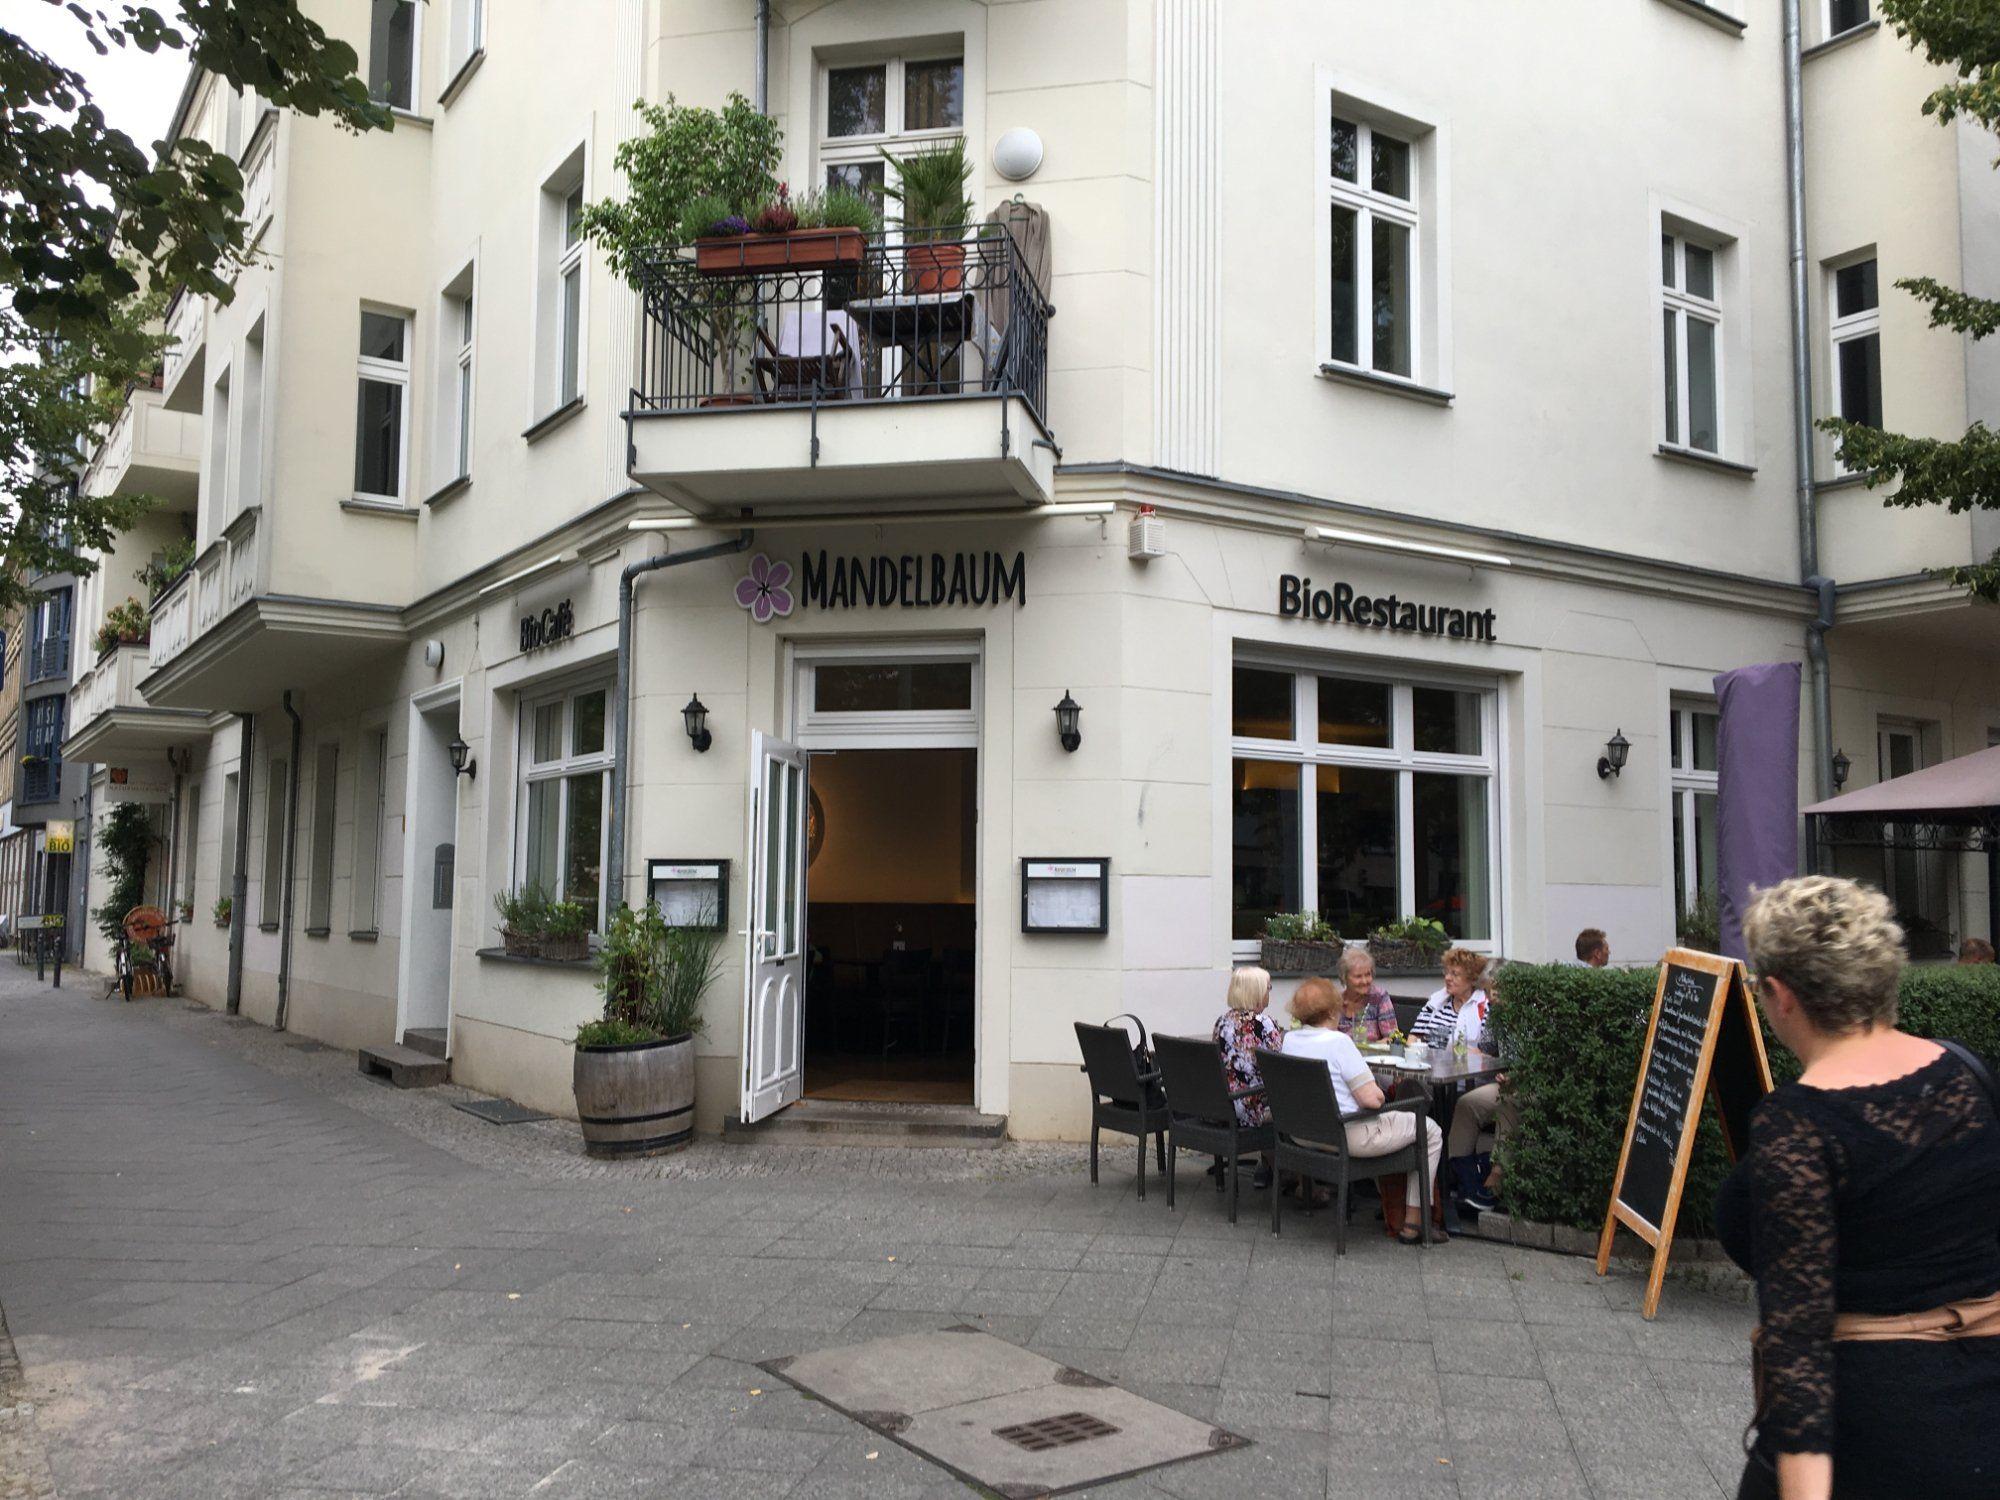 Biorestaurant Mandelbaum Berlin Restaurant Weissensee Essen Gehen Weissensee Weissensee Kulinarisch Essenstipp W Bio Restaurant Restaurant Berlin Weissensee